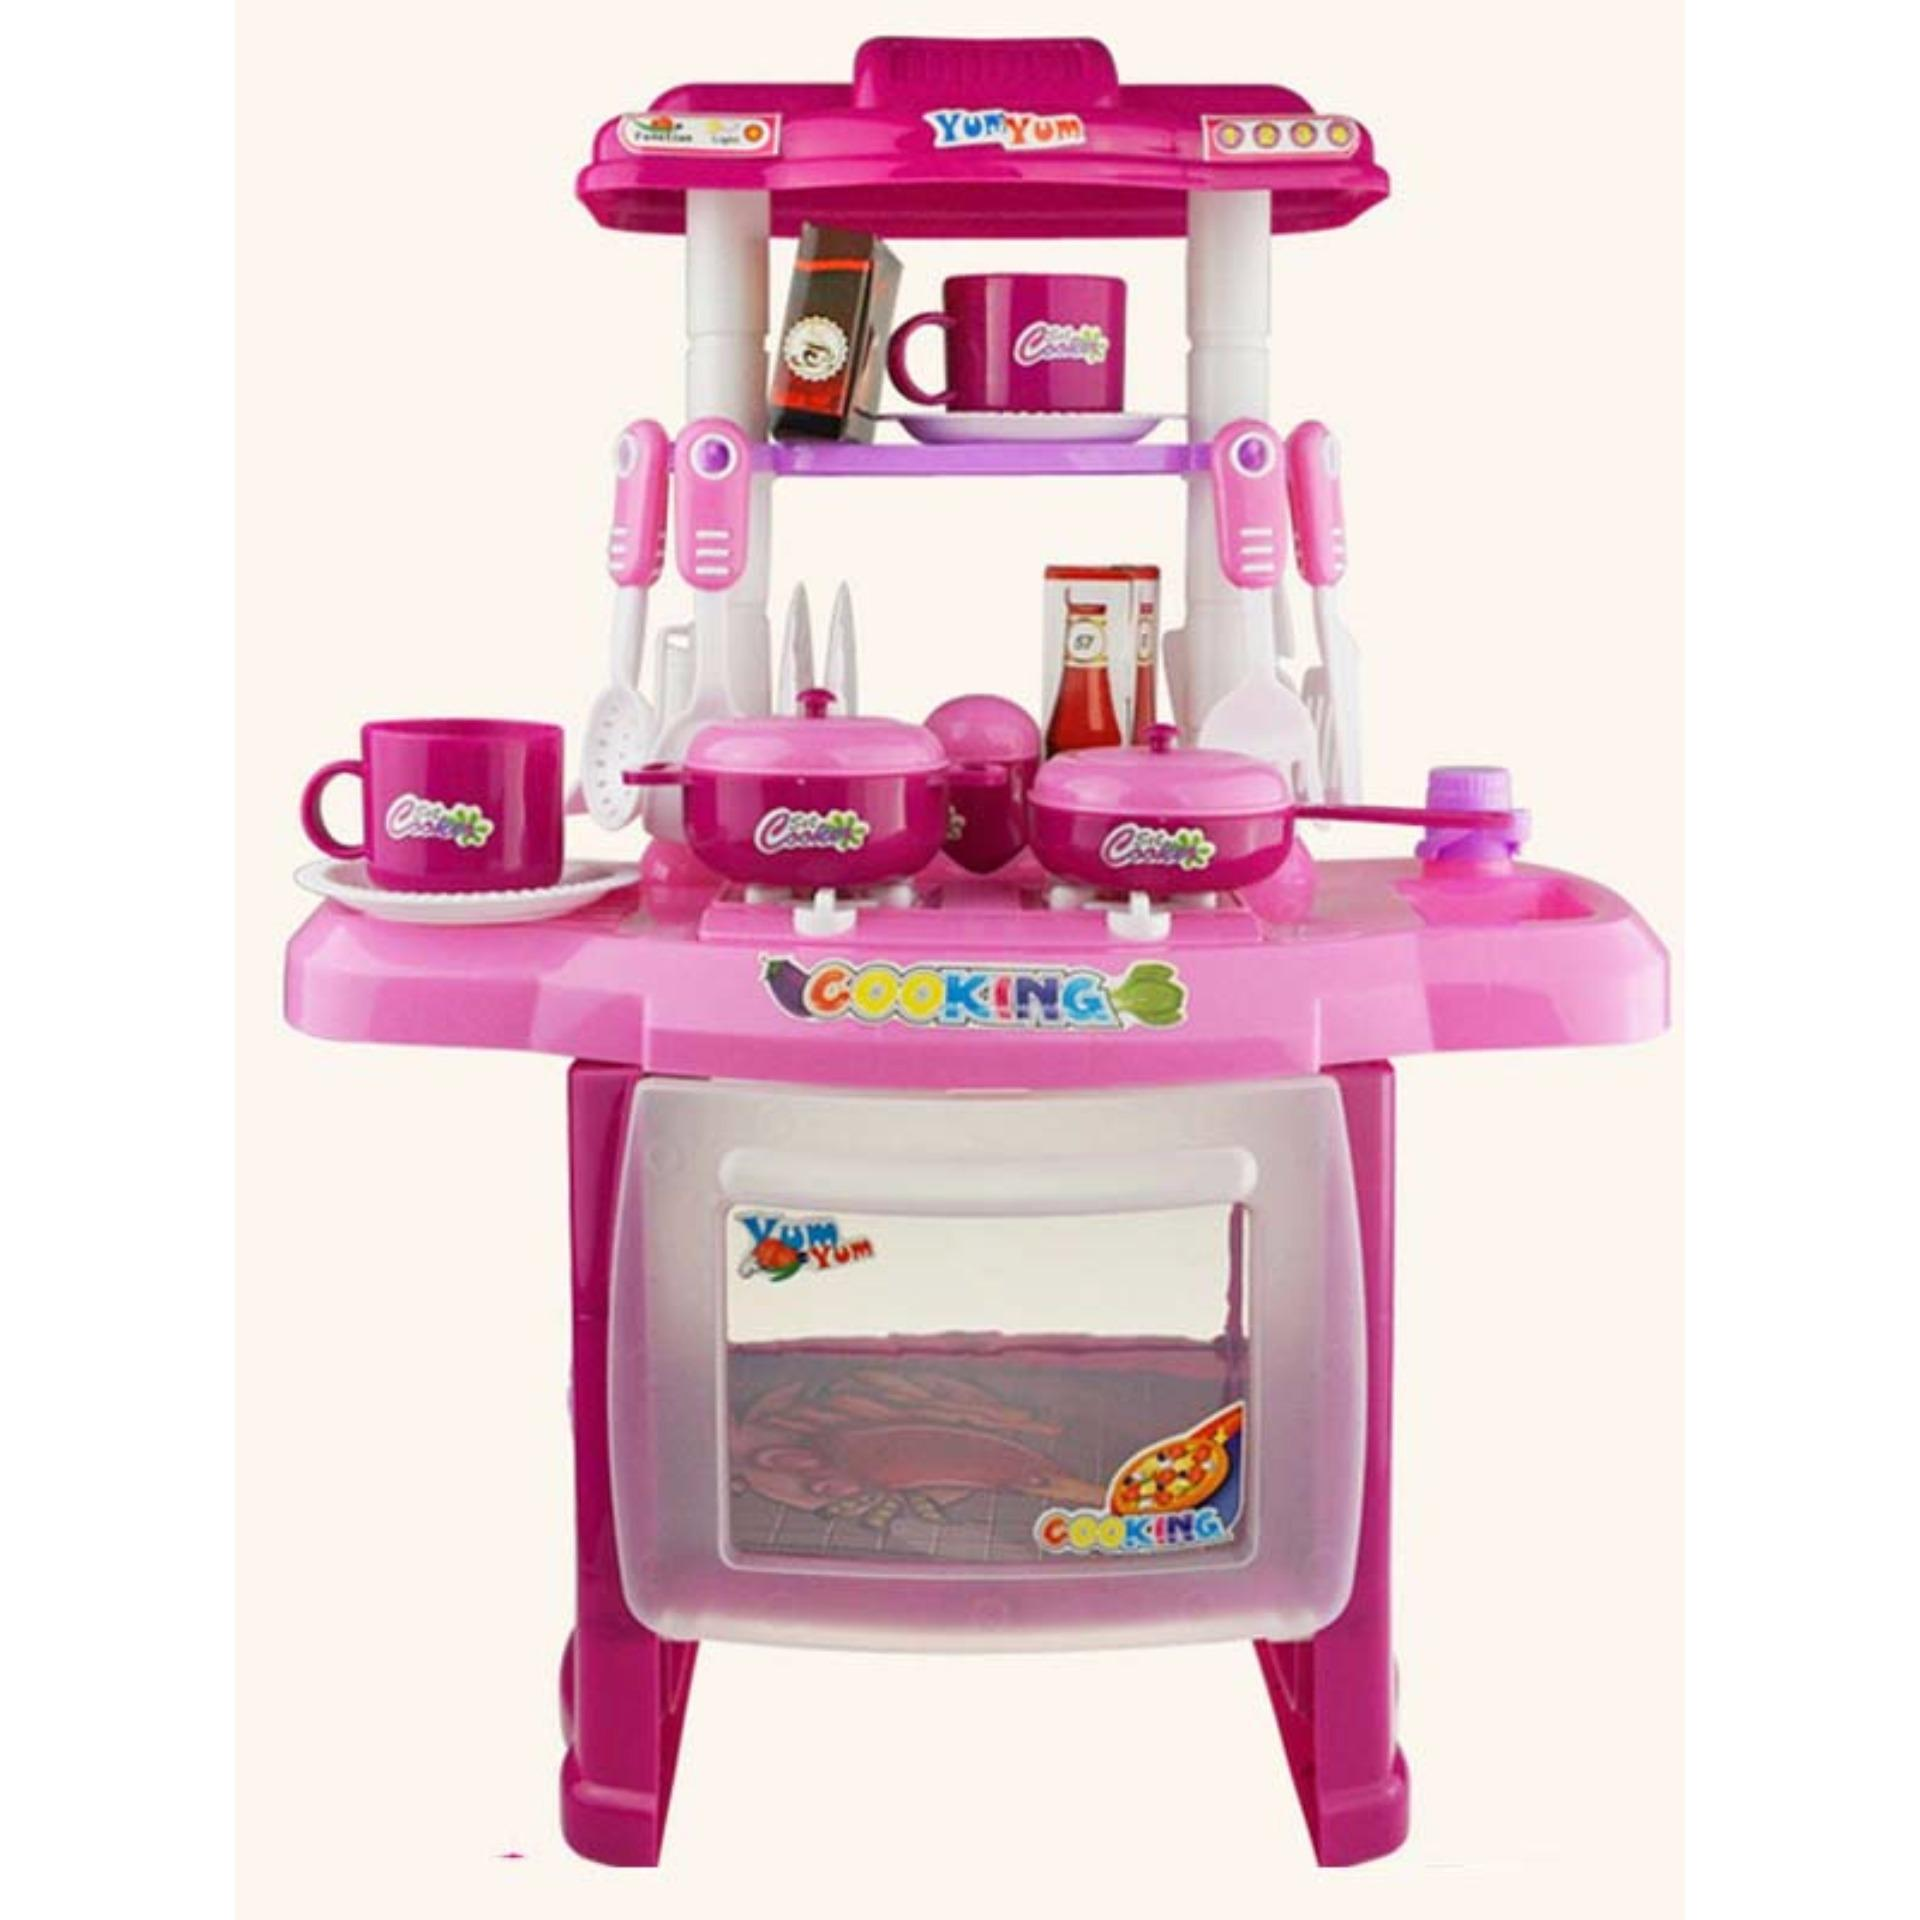 Harga Terjangkau Lynn Design Kitchen Set Mainan Masak Masakan Anak Perempuan Barbie Jual Perlengkapan Anak Murah Kualitas Terbaik